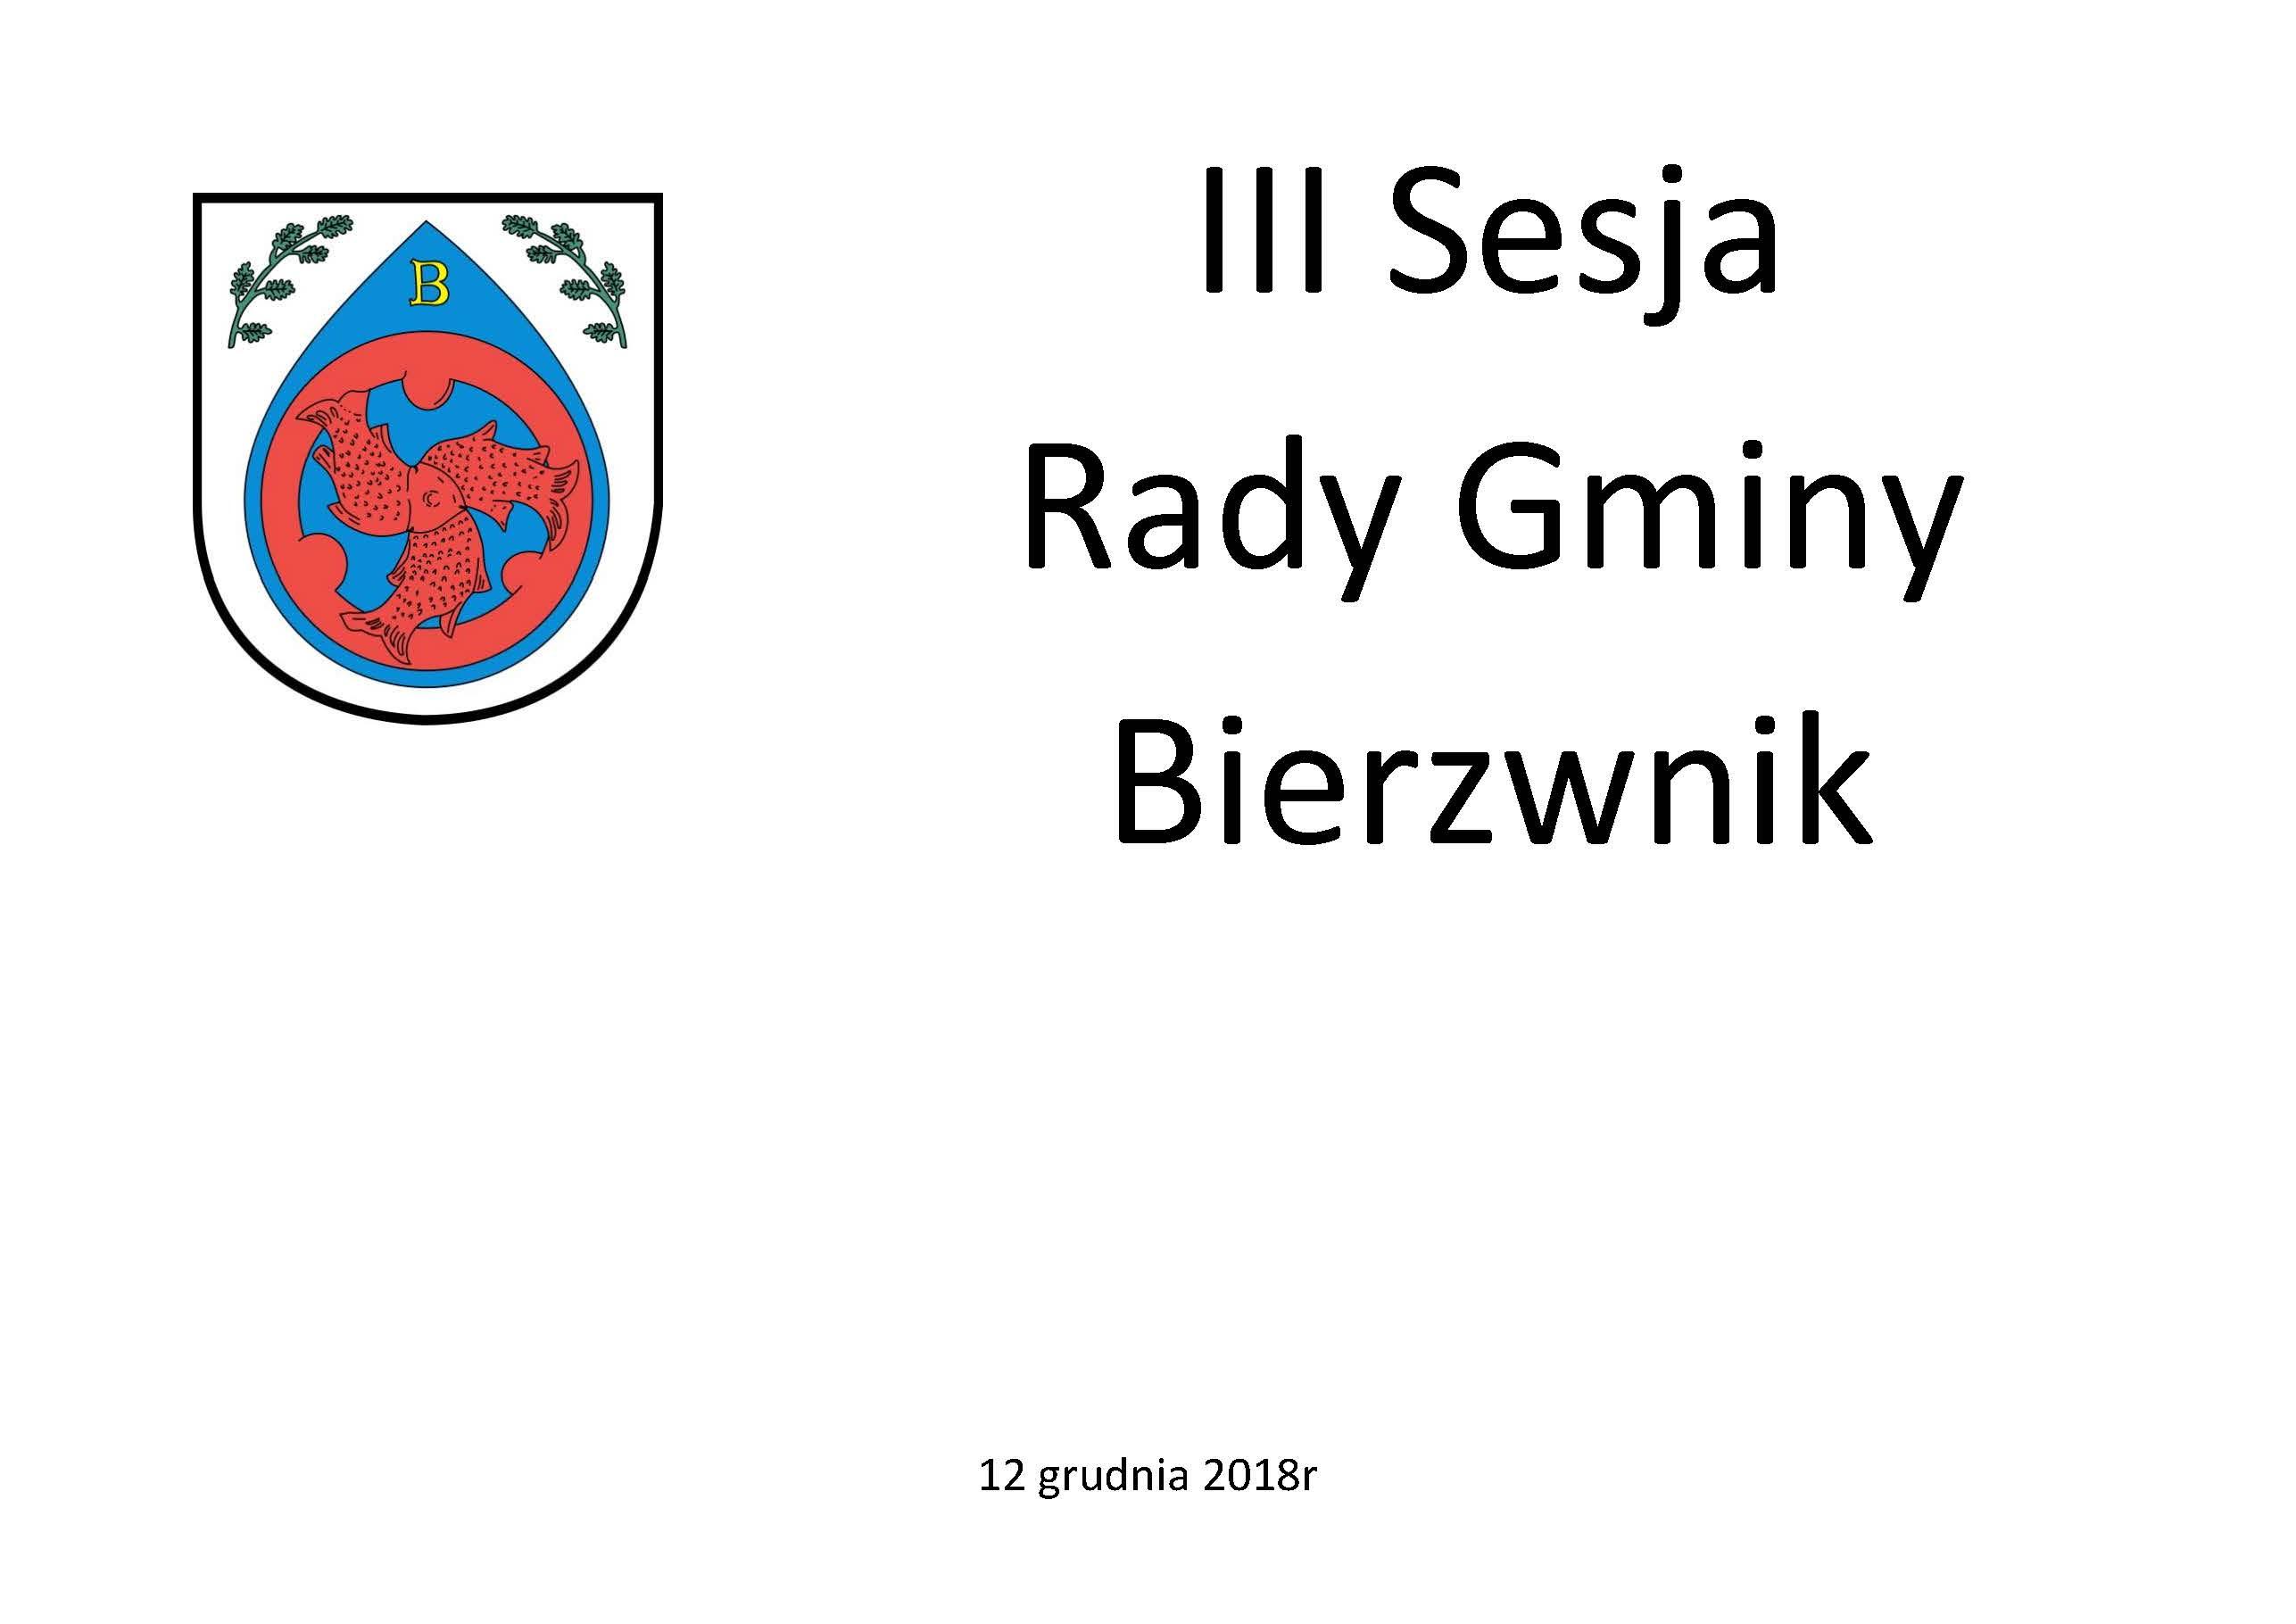 bierzwnik/IIIsesja_graficzny.jpg